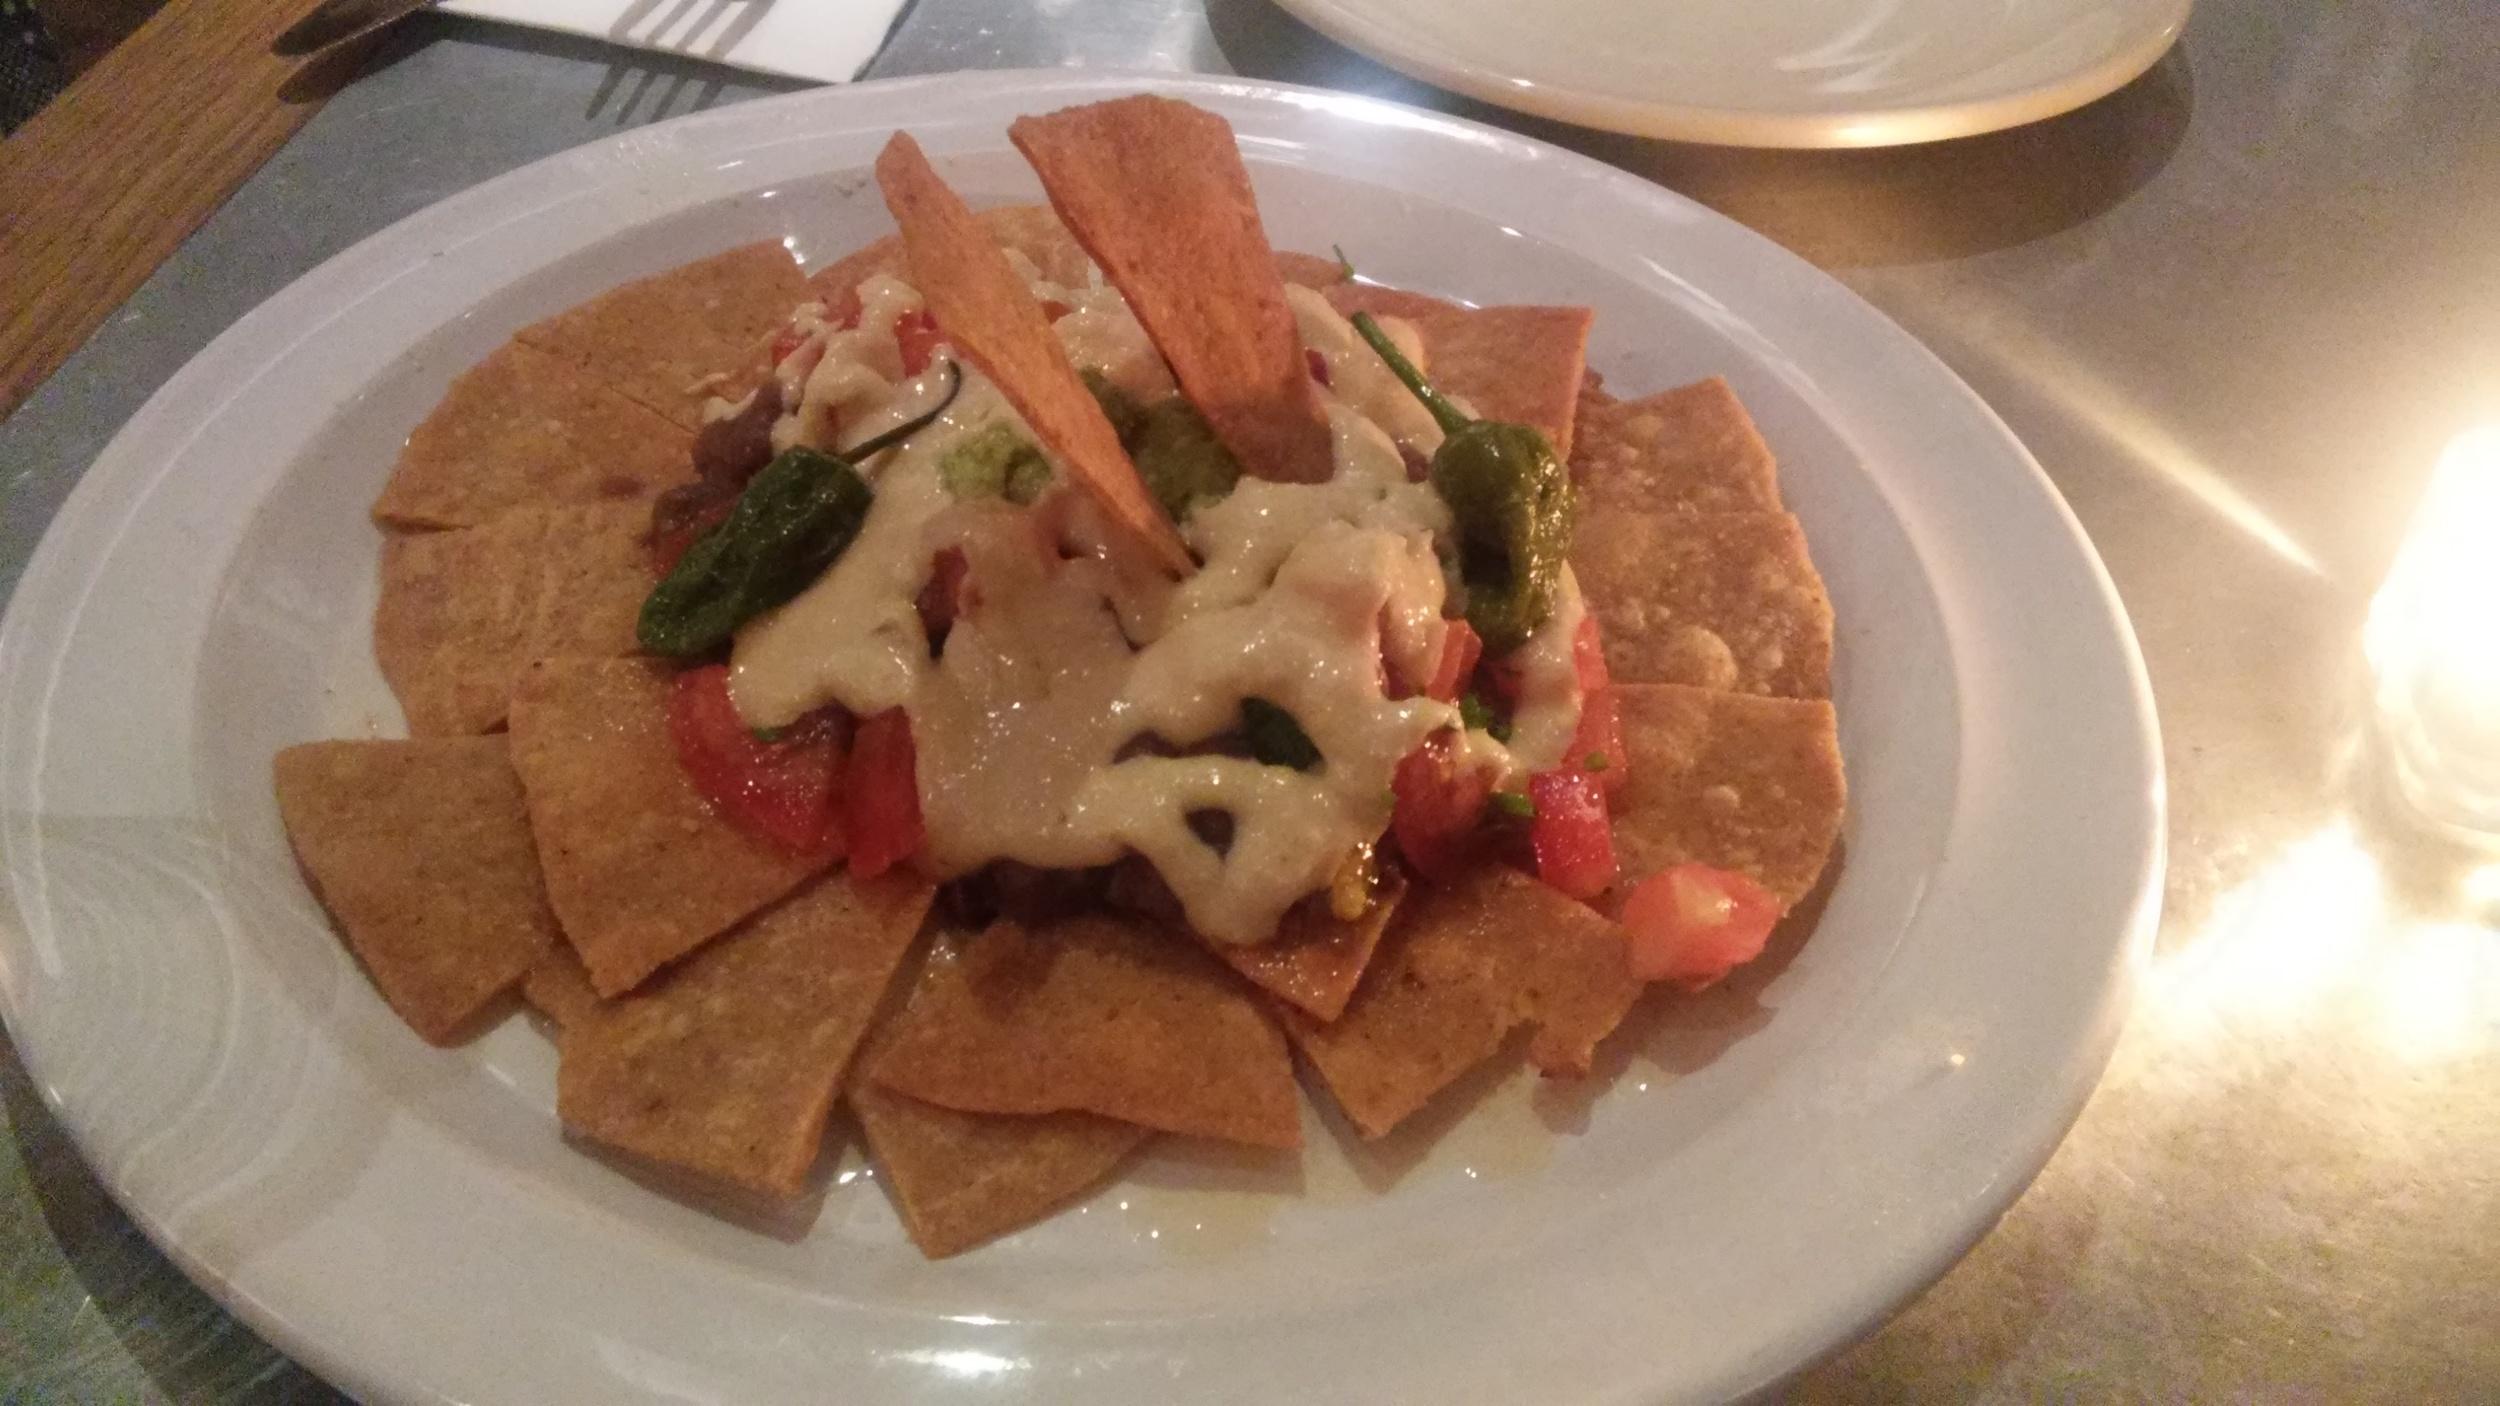 Ηealthy Nachos - Homemade no-fried corn and spelt nachos, adzuki beans stew, guacamole, fresh tomato dices, pimientos del padrón and vegan sour cream.